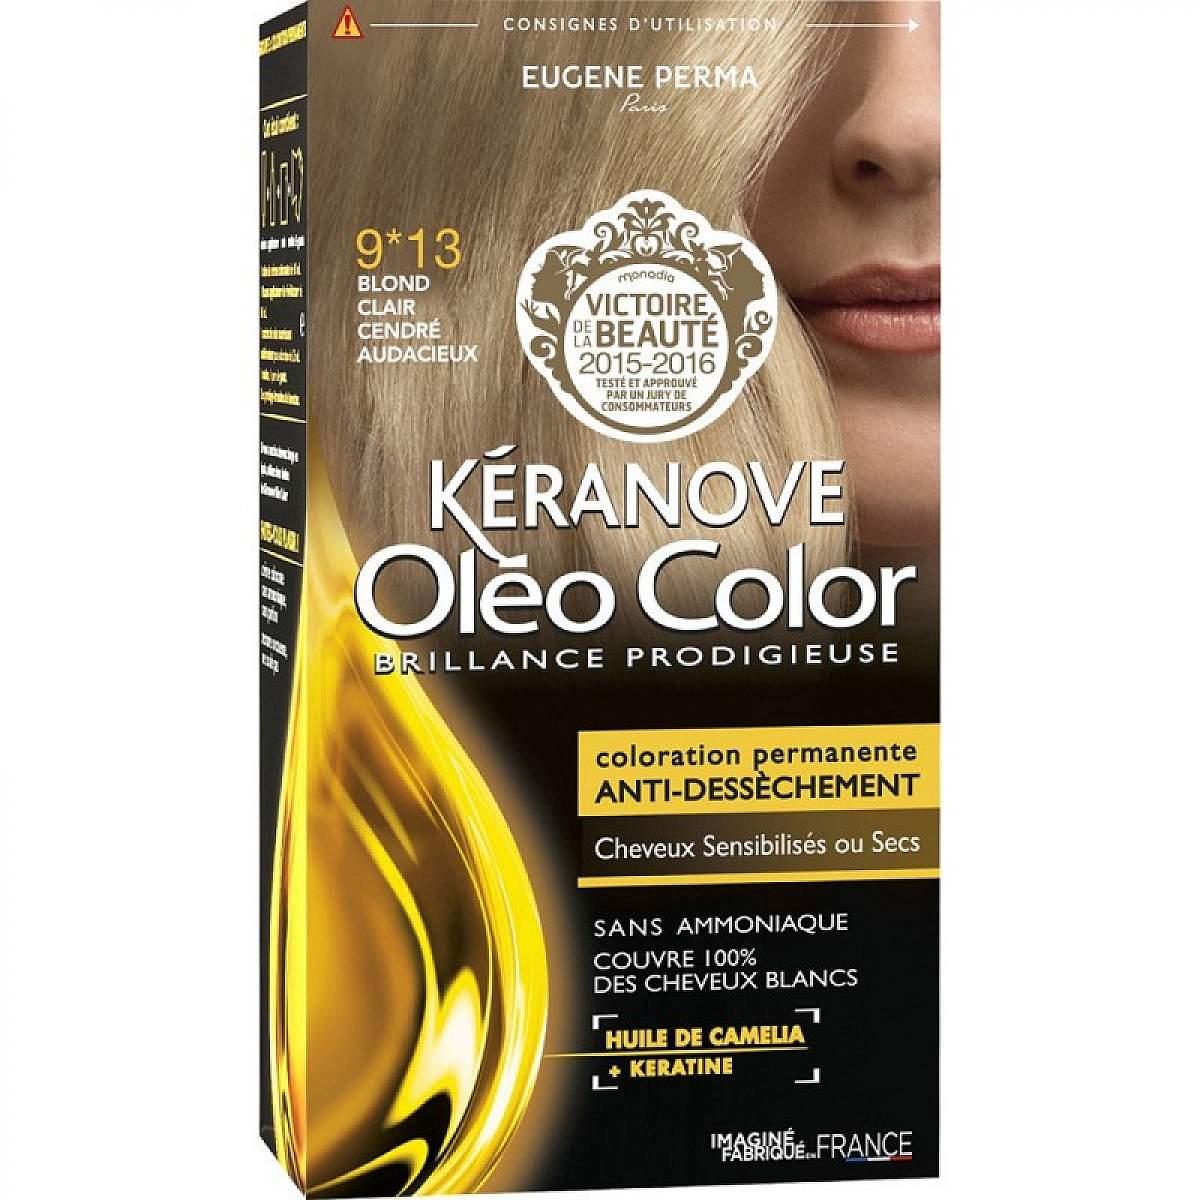 Buy Keranove Oleo 0913 Blond Clair Cendre Audacieux Online La